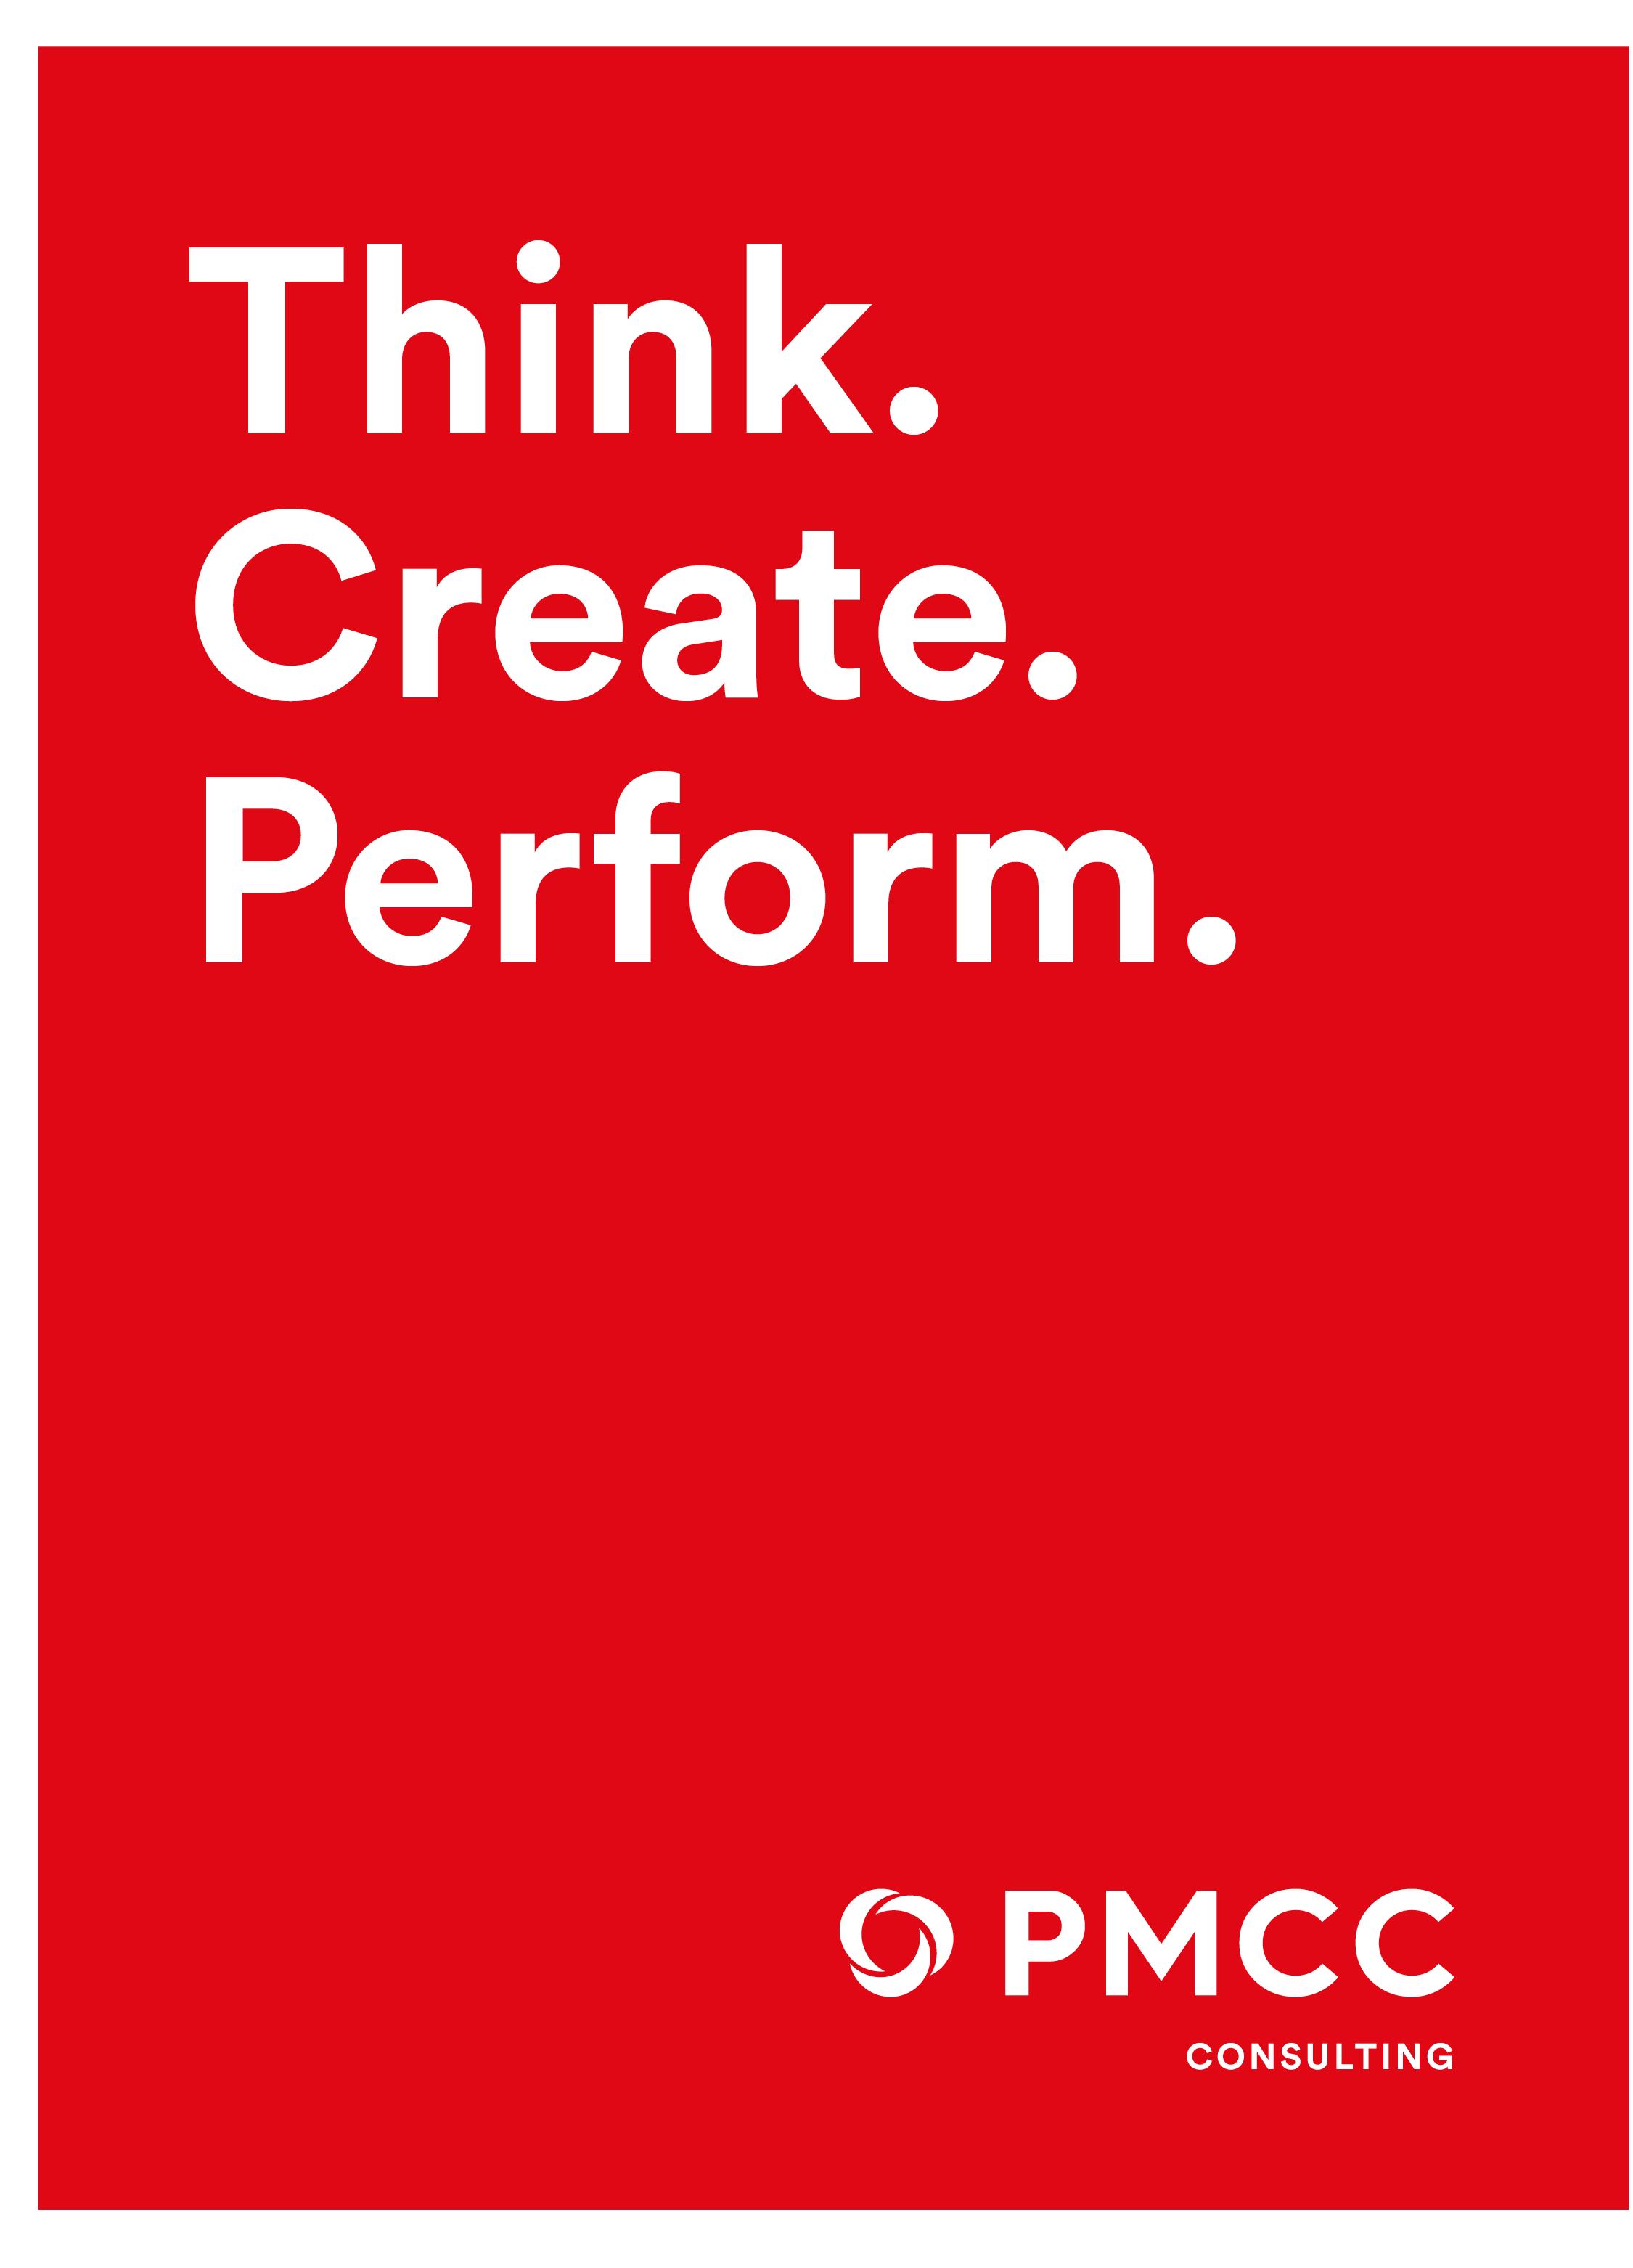 Ref PMCC 5 Claim